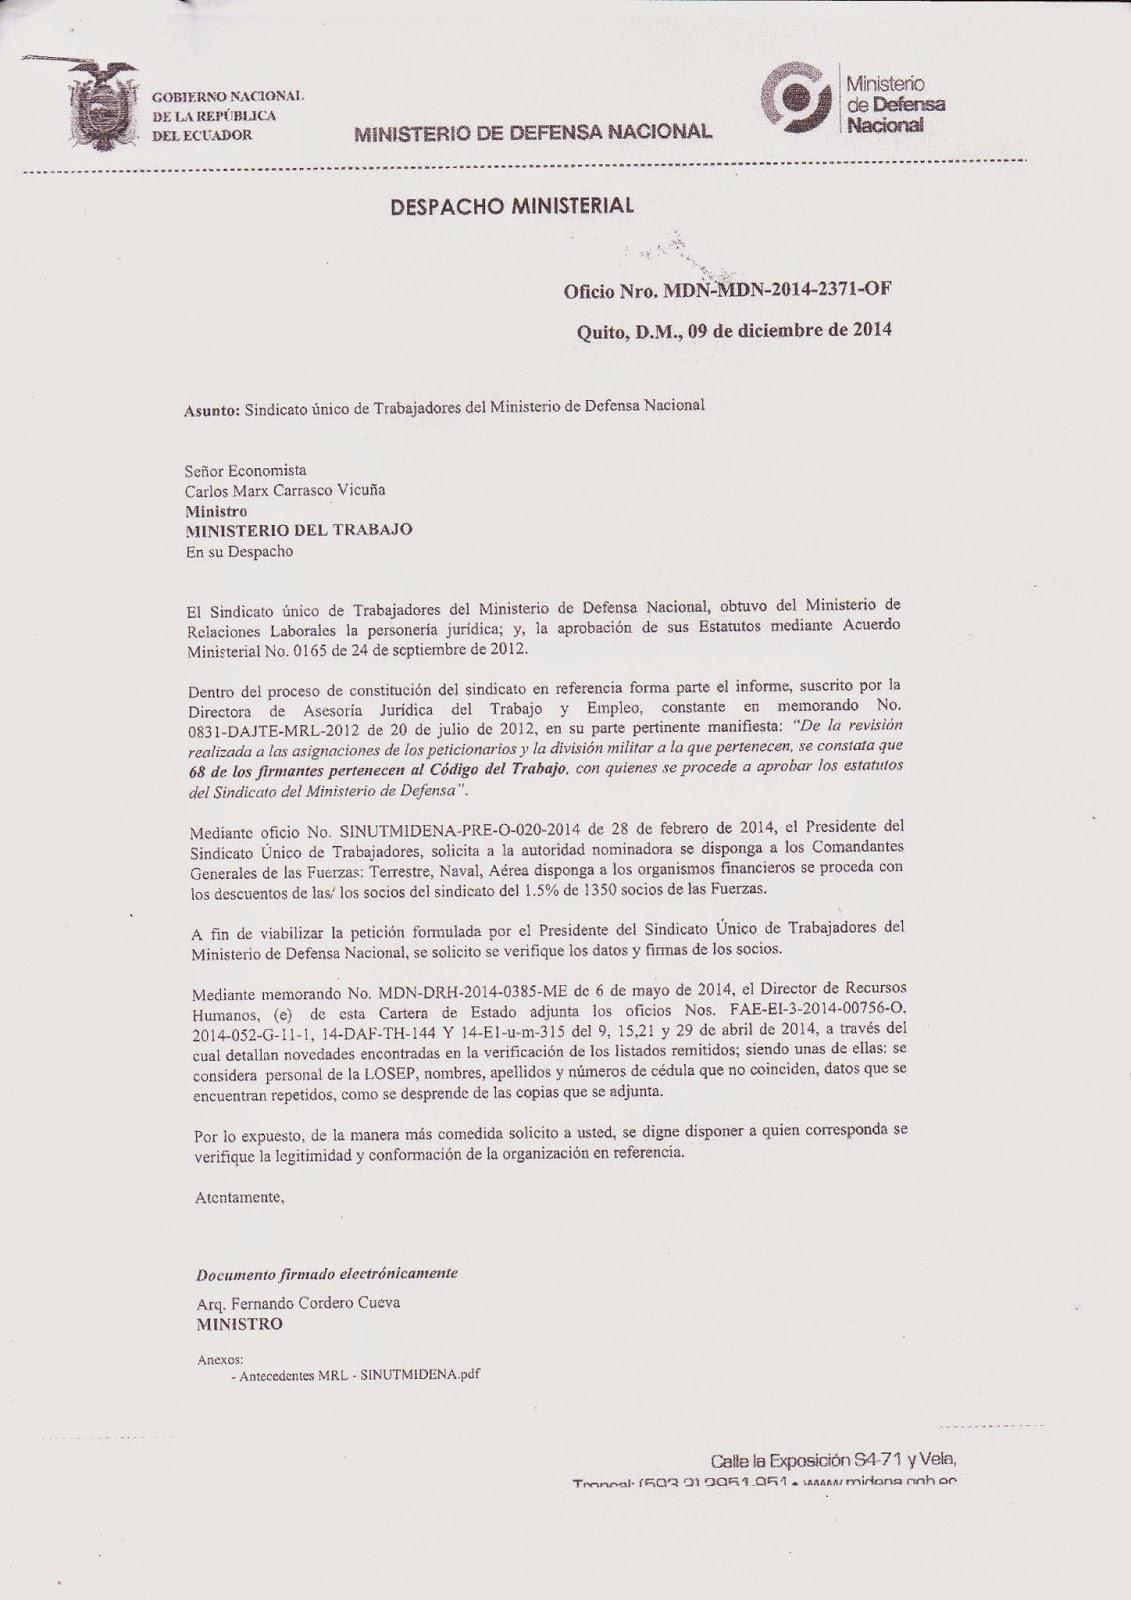 Agreement (Acuerdo, Contrato o Convenio and why?)